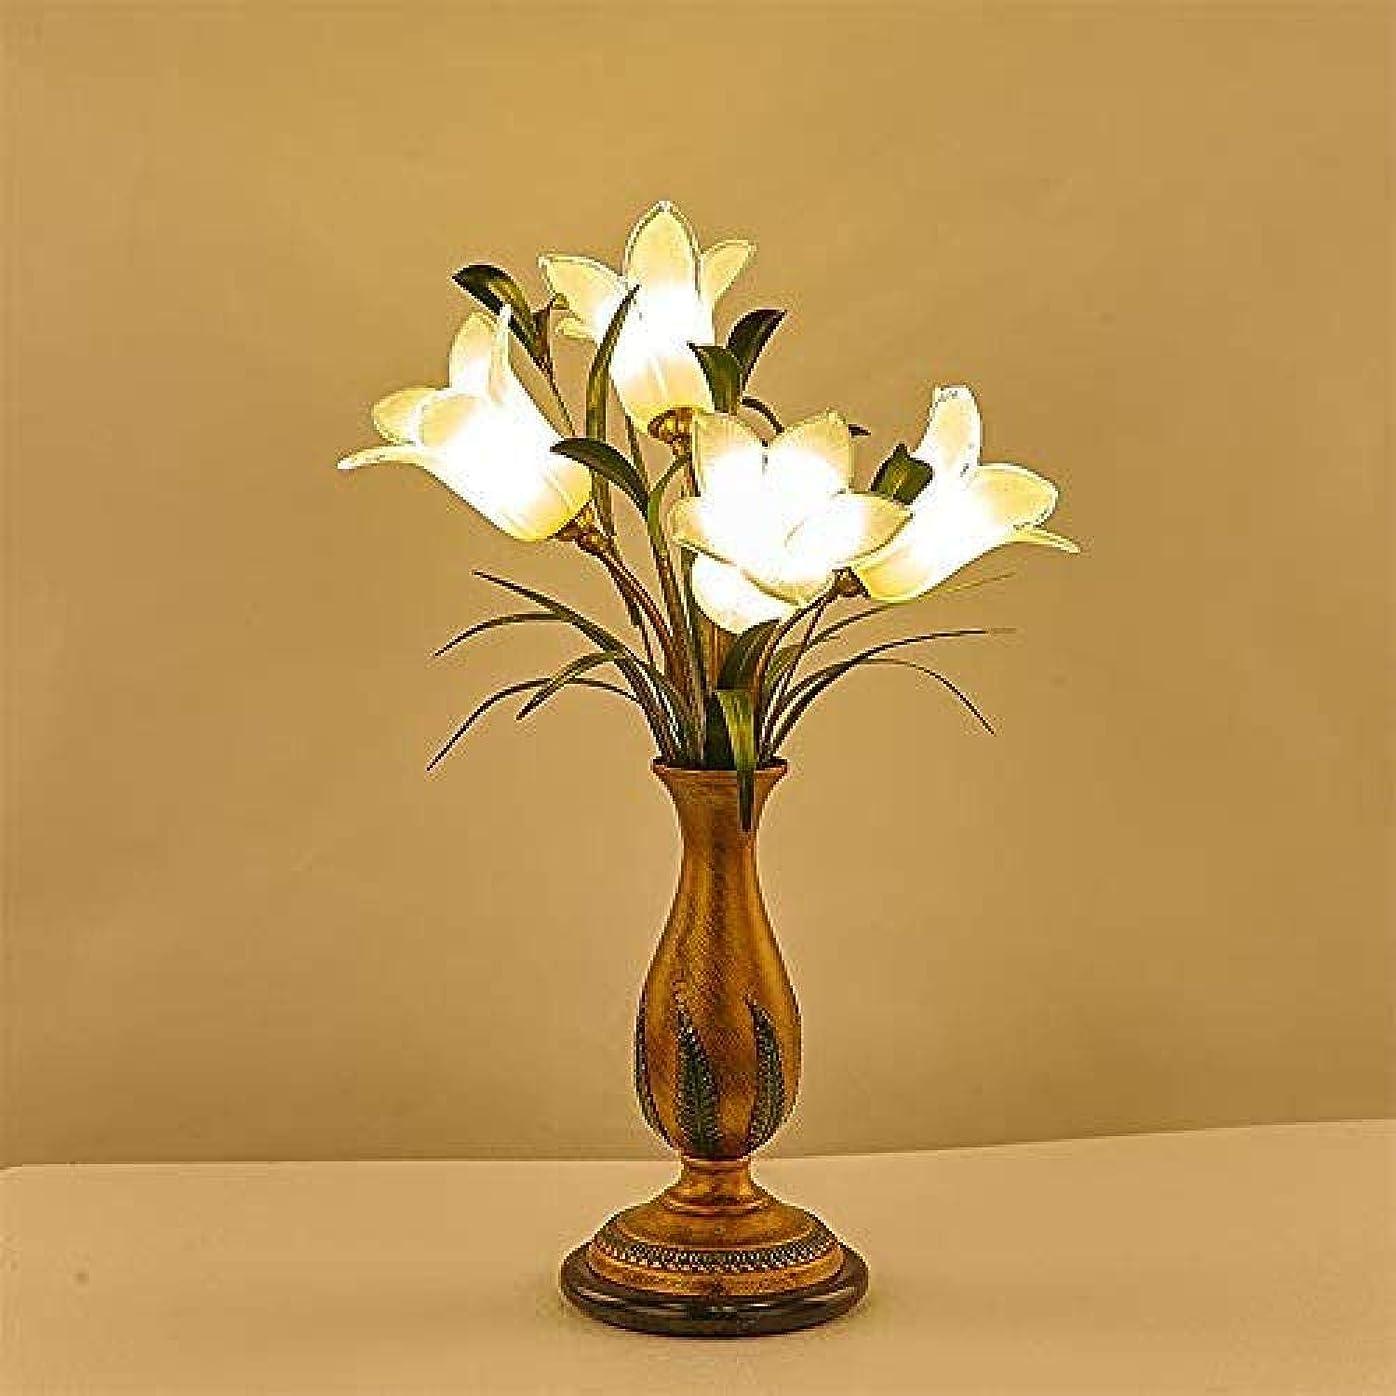 モノグラフジャニス魅了するガラス錬鉄製テーブルランプボタンスイッチコントロールアメリカンパストラルスタイル人格レトロデザイン暖かいロマンチックな